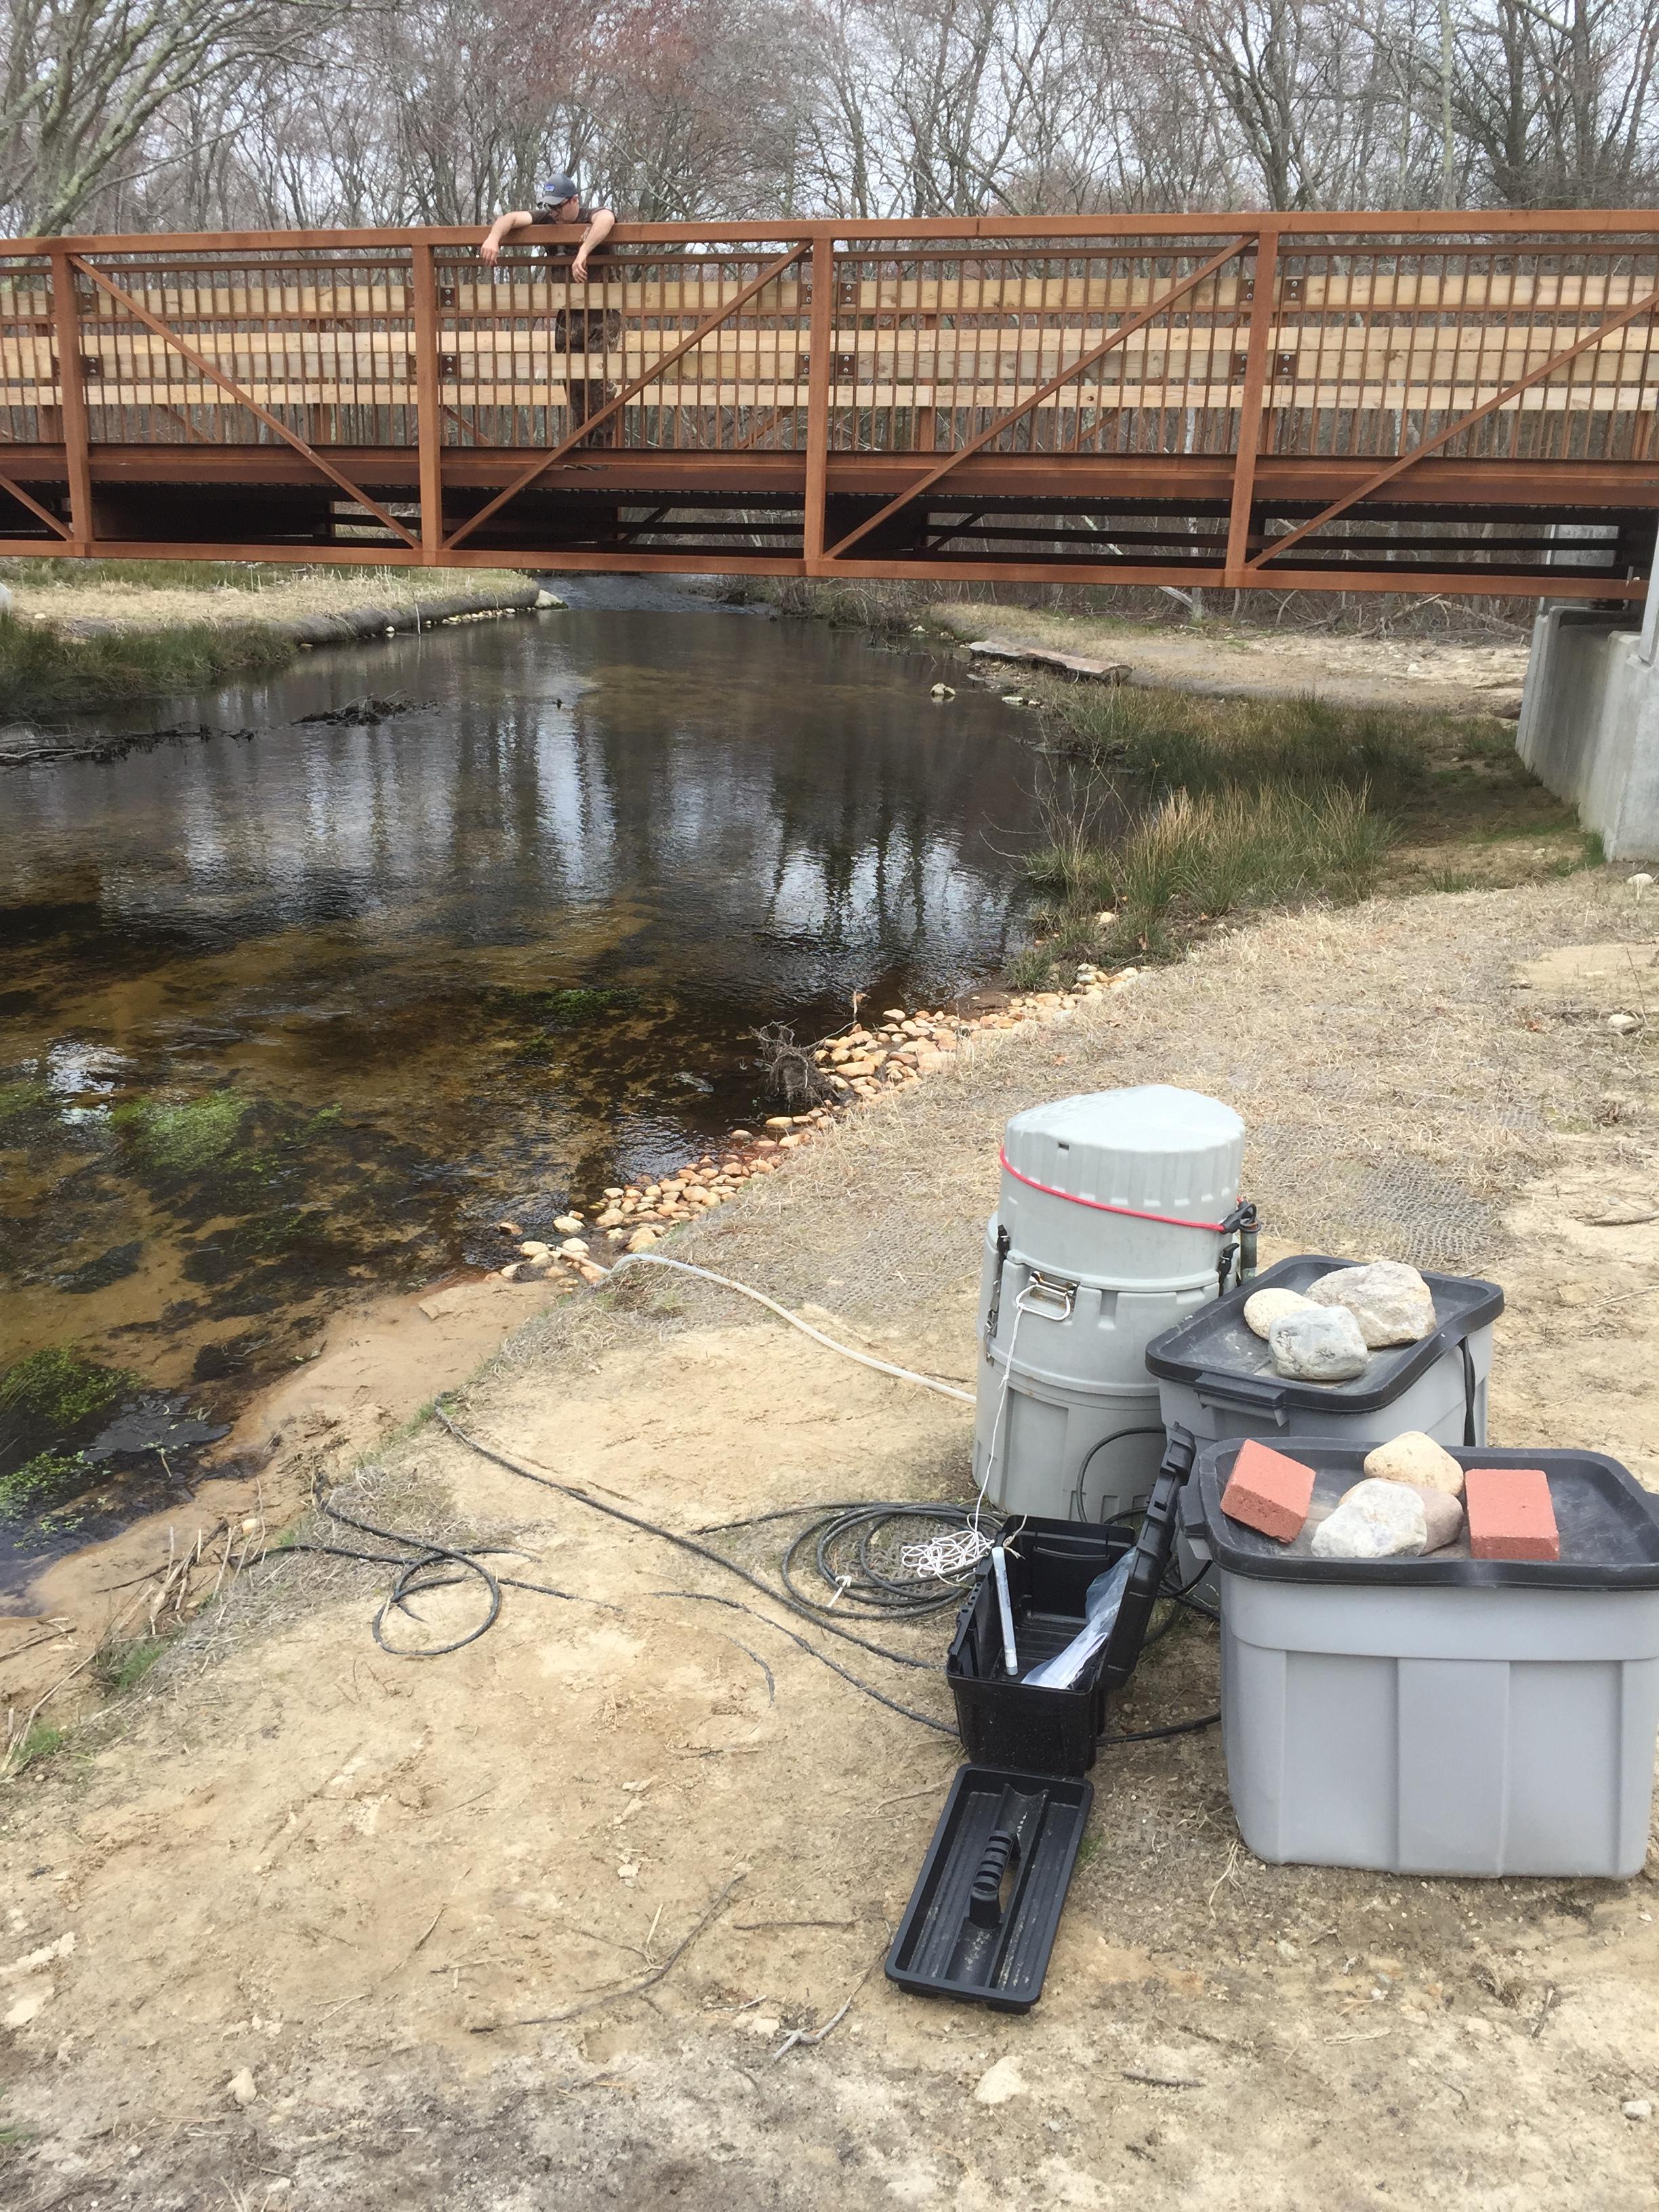 WaterMonitoringEquip at Bridge_image_956_credit RVincent.JPG